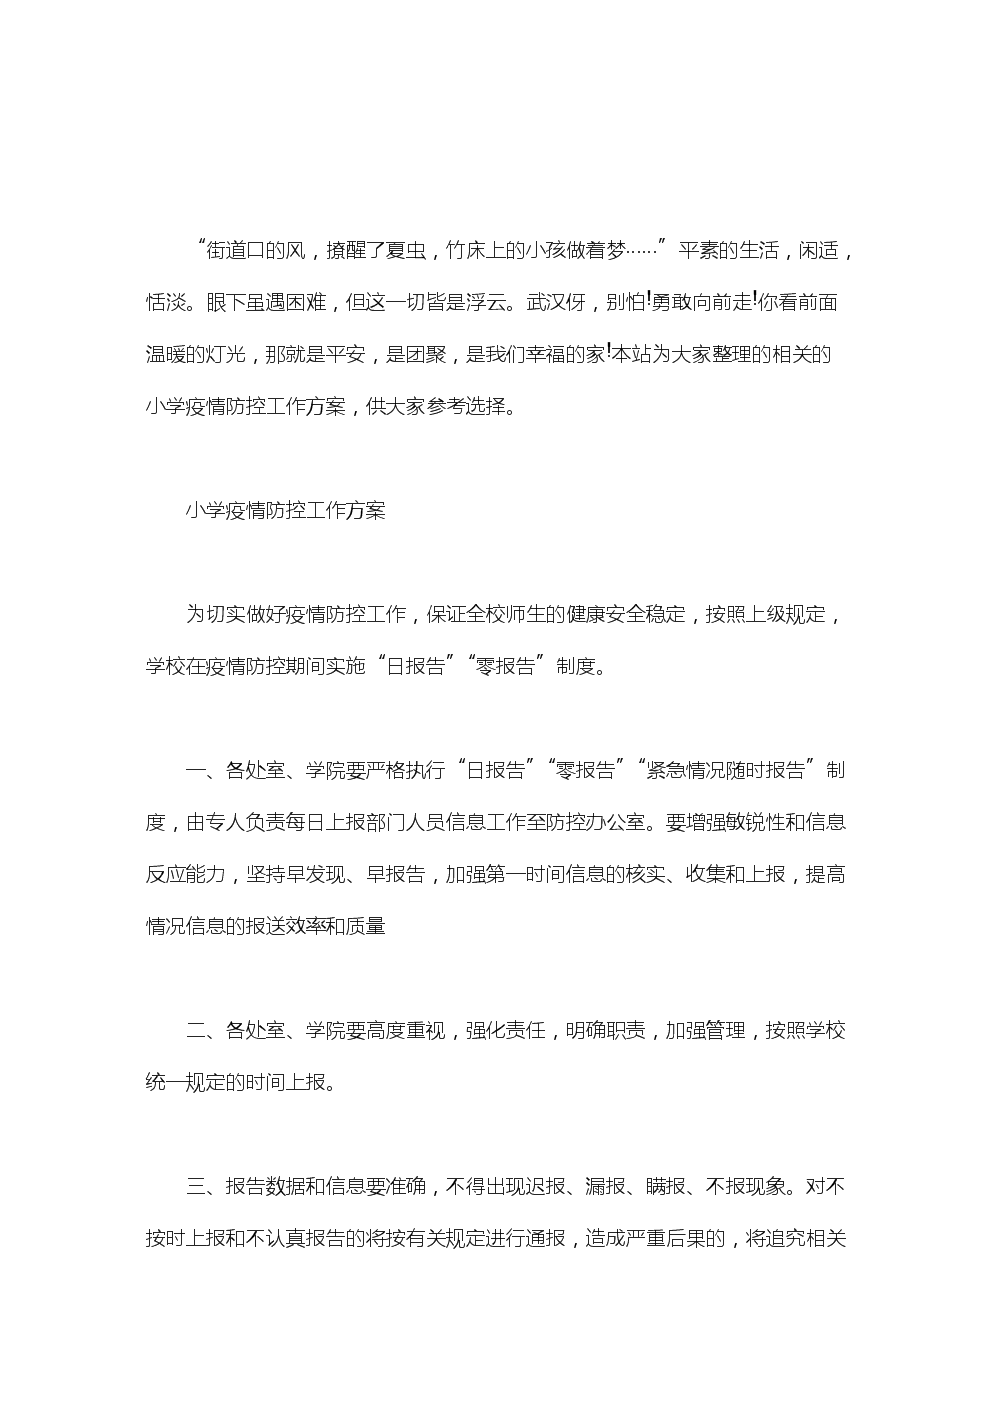 小学疫情防控工作方案三篇.doc